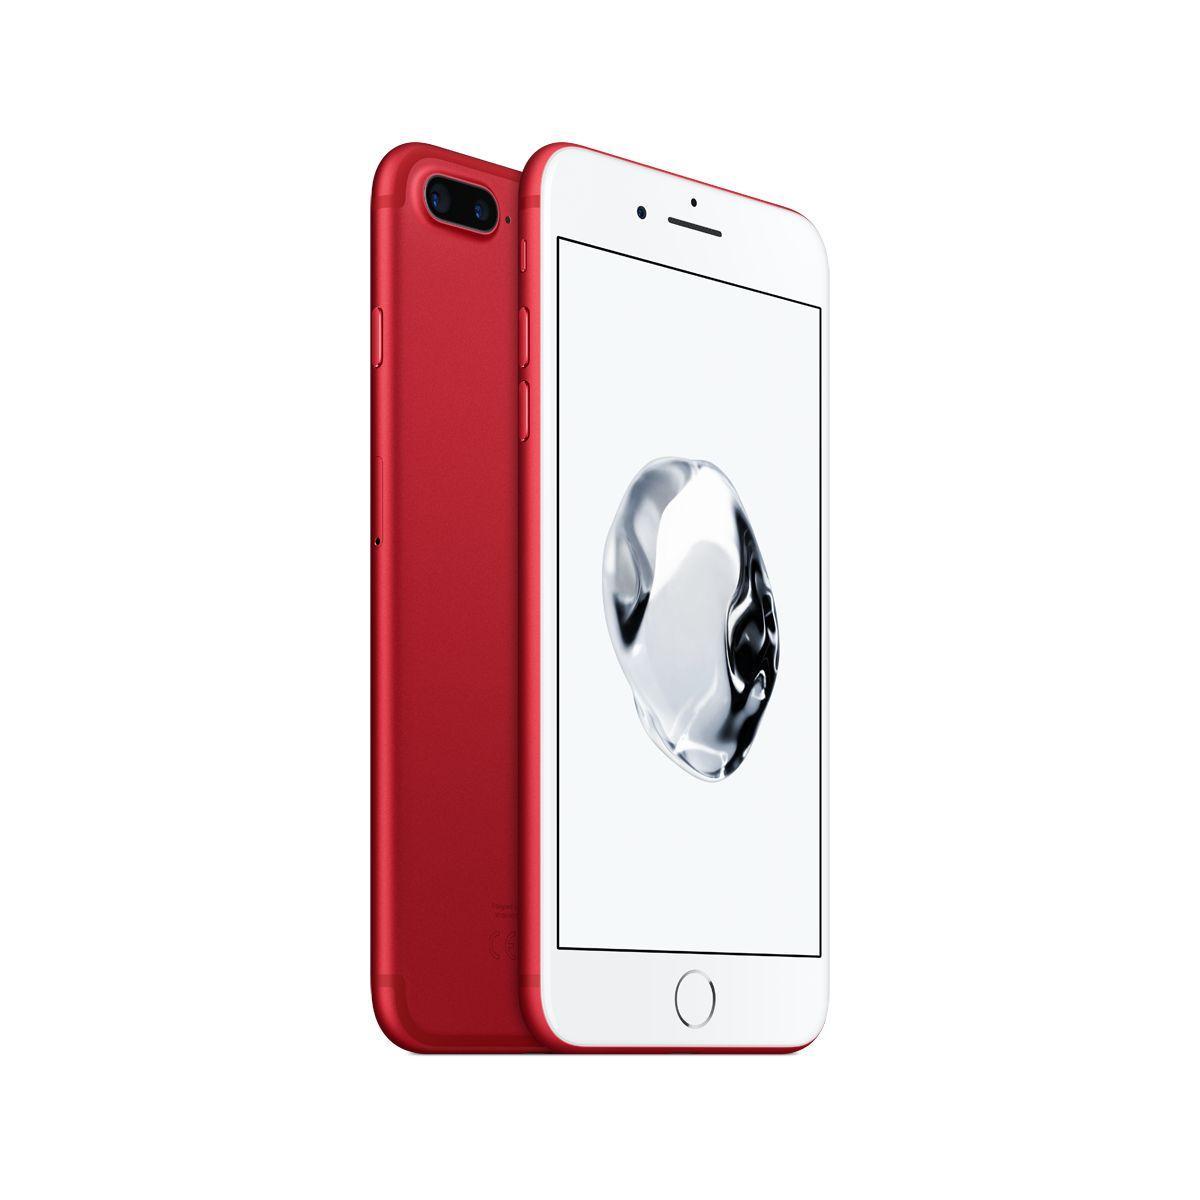 Apple iphone 7 plus 128go rouge - 2% de remise immédiate avec le code : fete2 (photo)